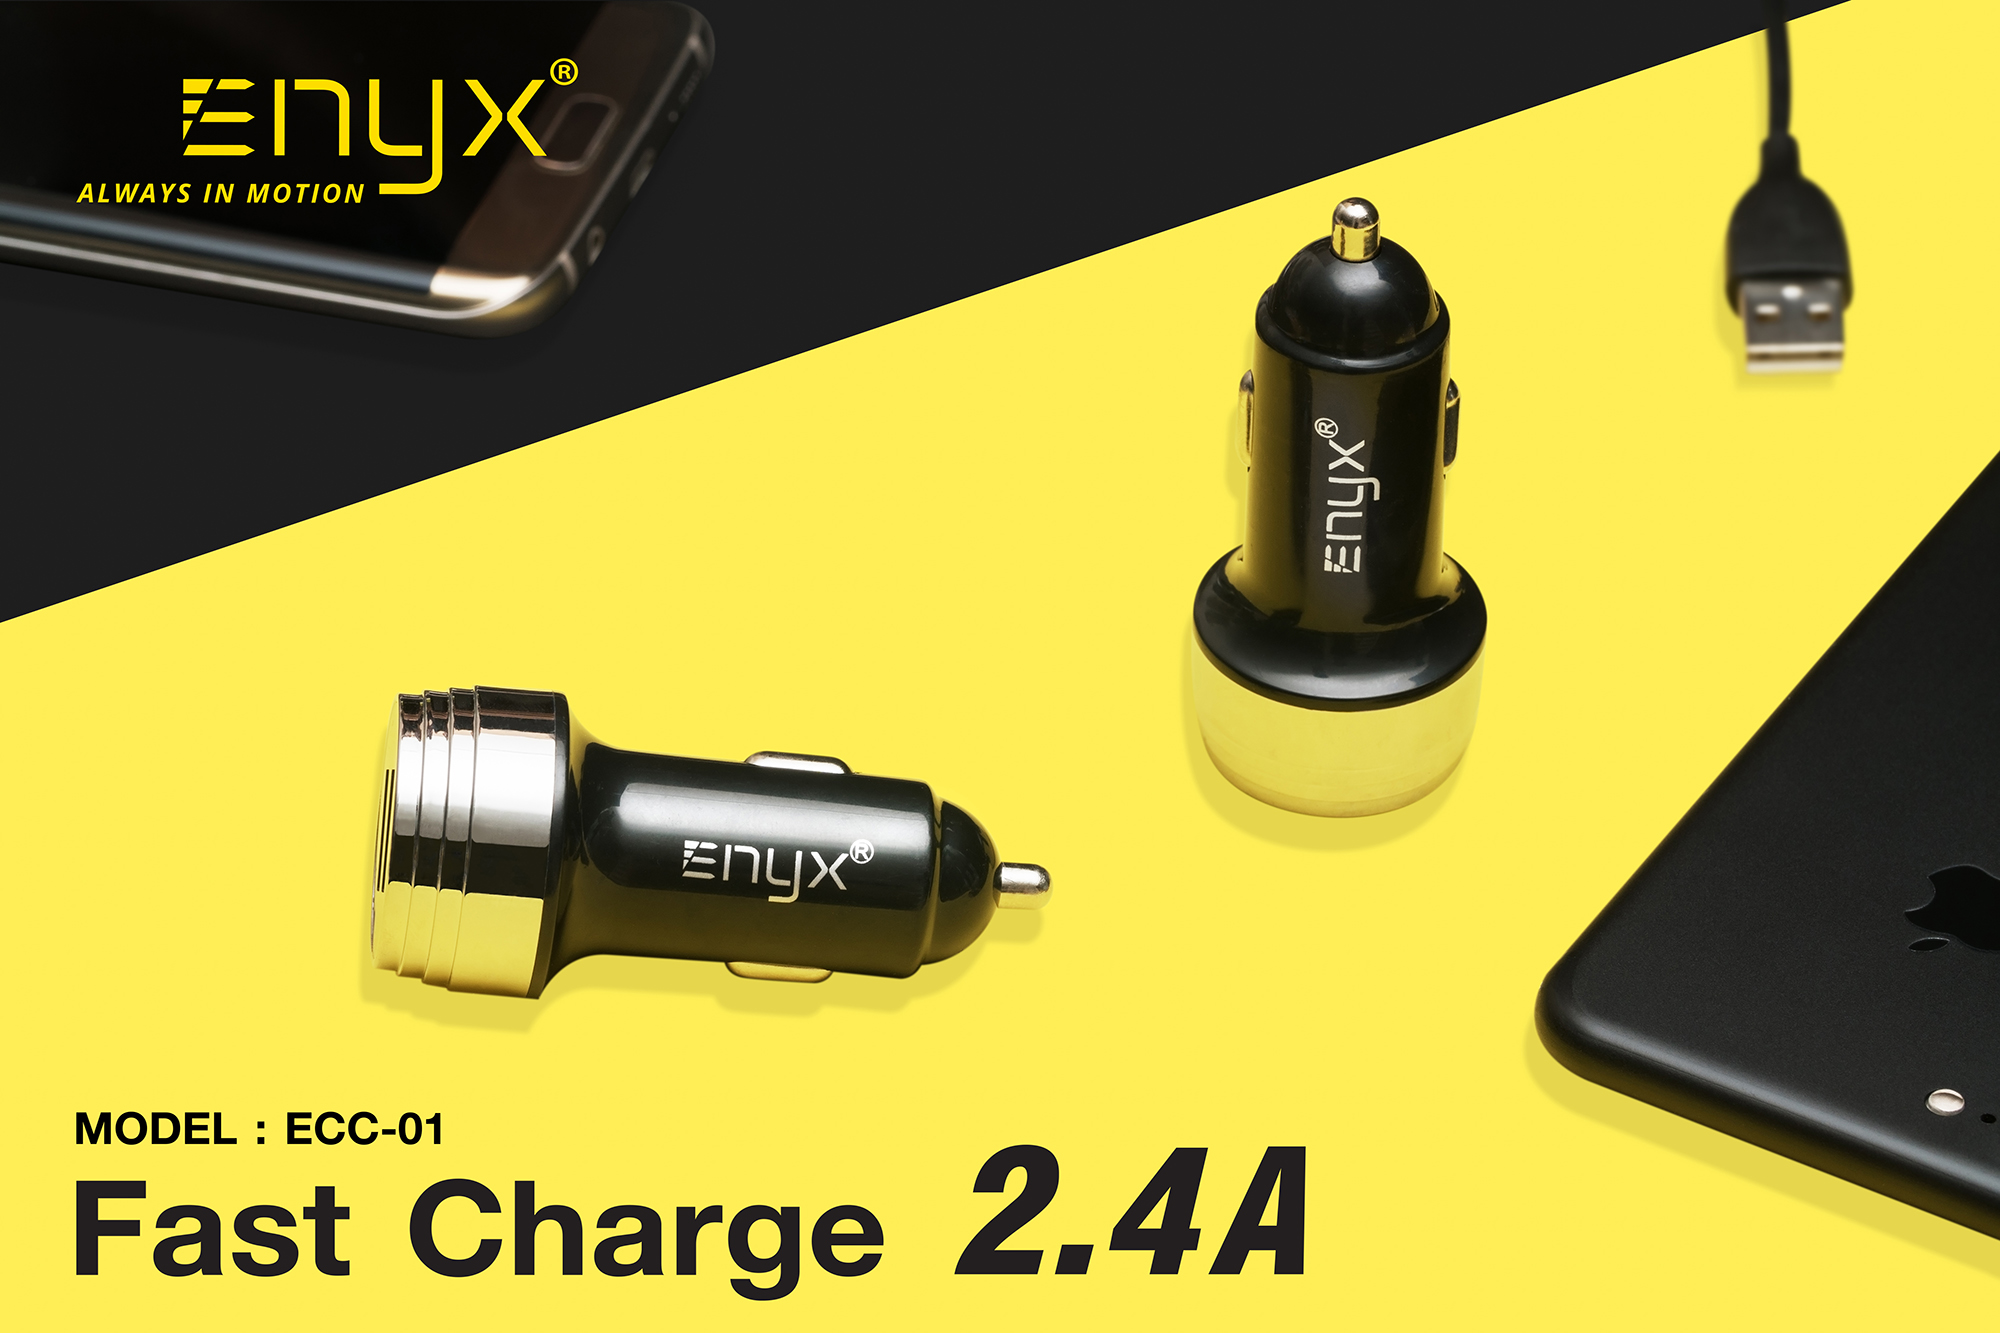 คาร์ชาร์จ Carcharger ที่จุดบุหรี่ อะแดปเตอร์ adapter หัวชาร์จ ที่ชาร์จ Enyx อีนิกซ์